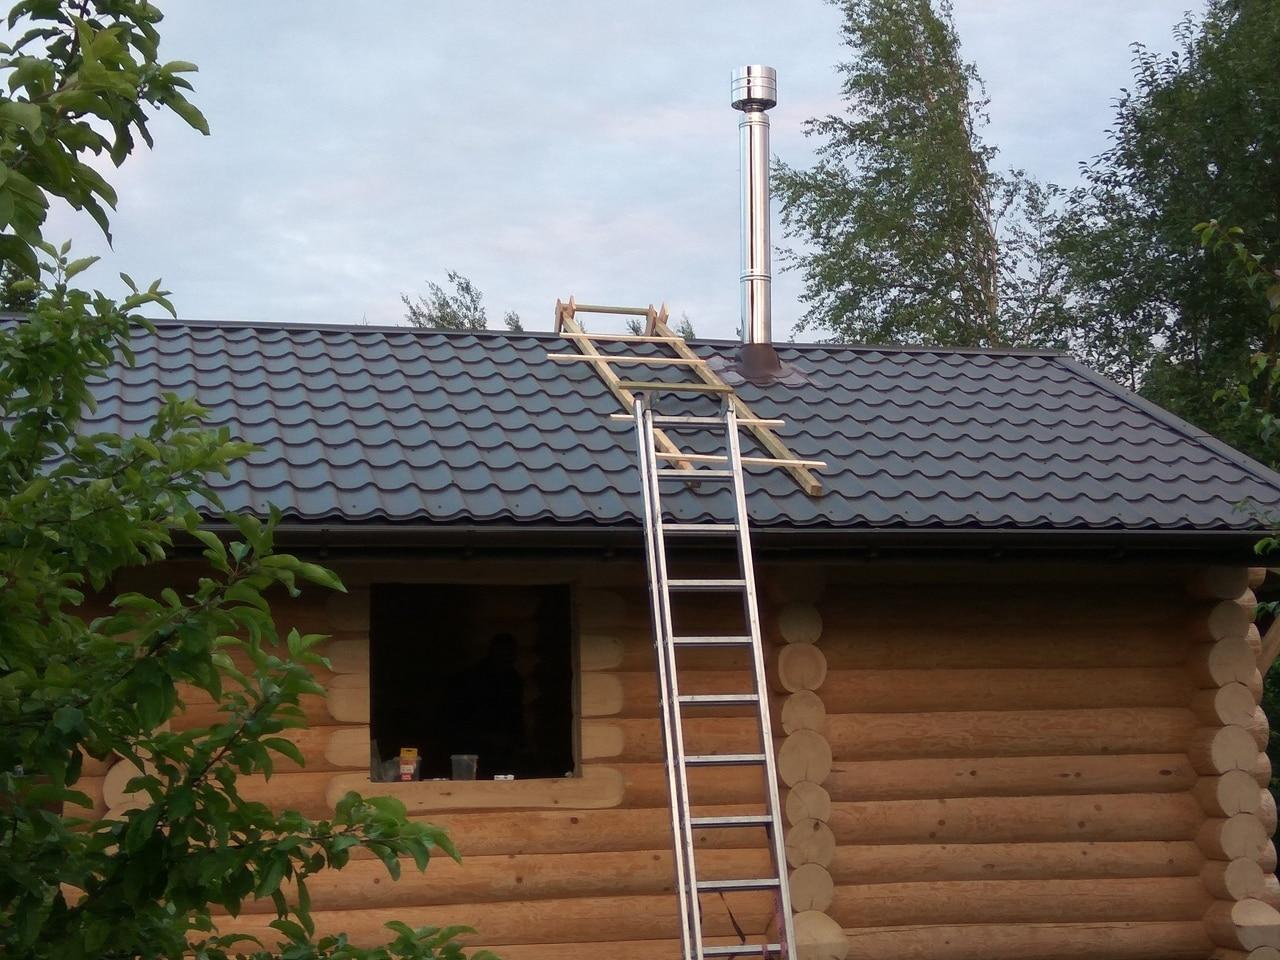 процесс установки стального дымохода в загородном доме